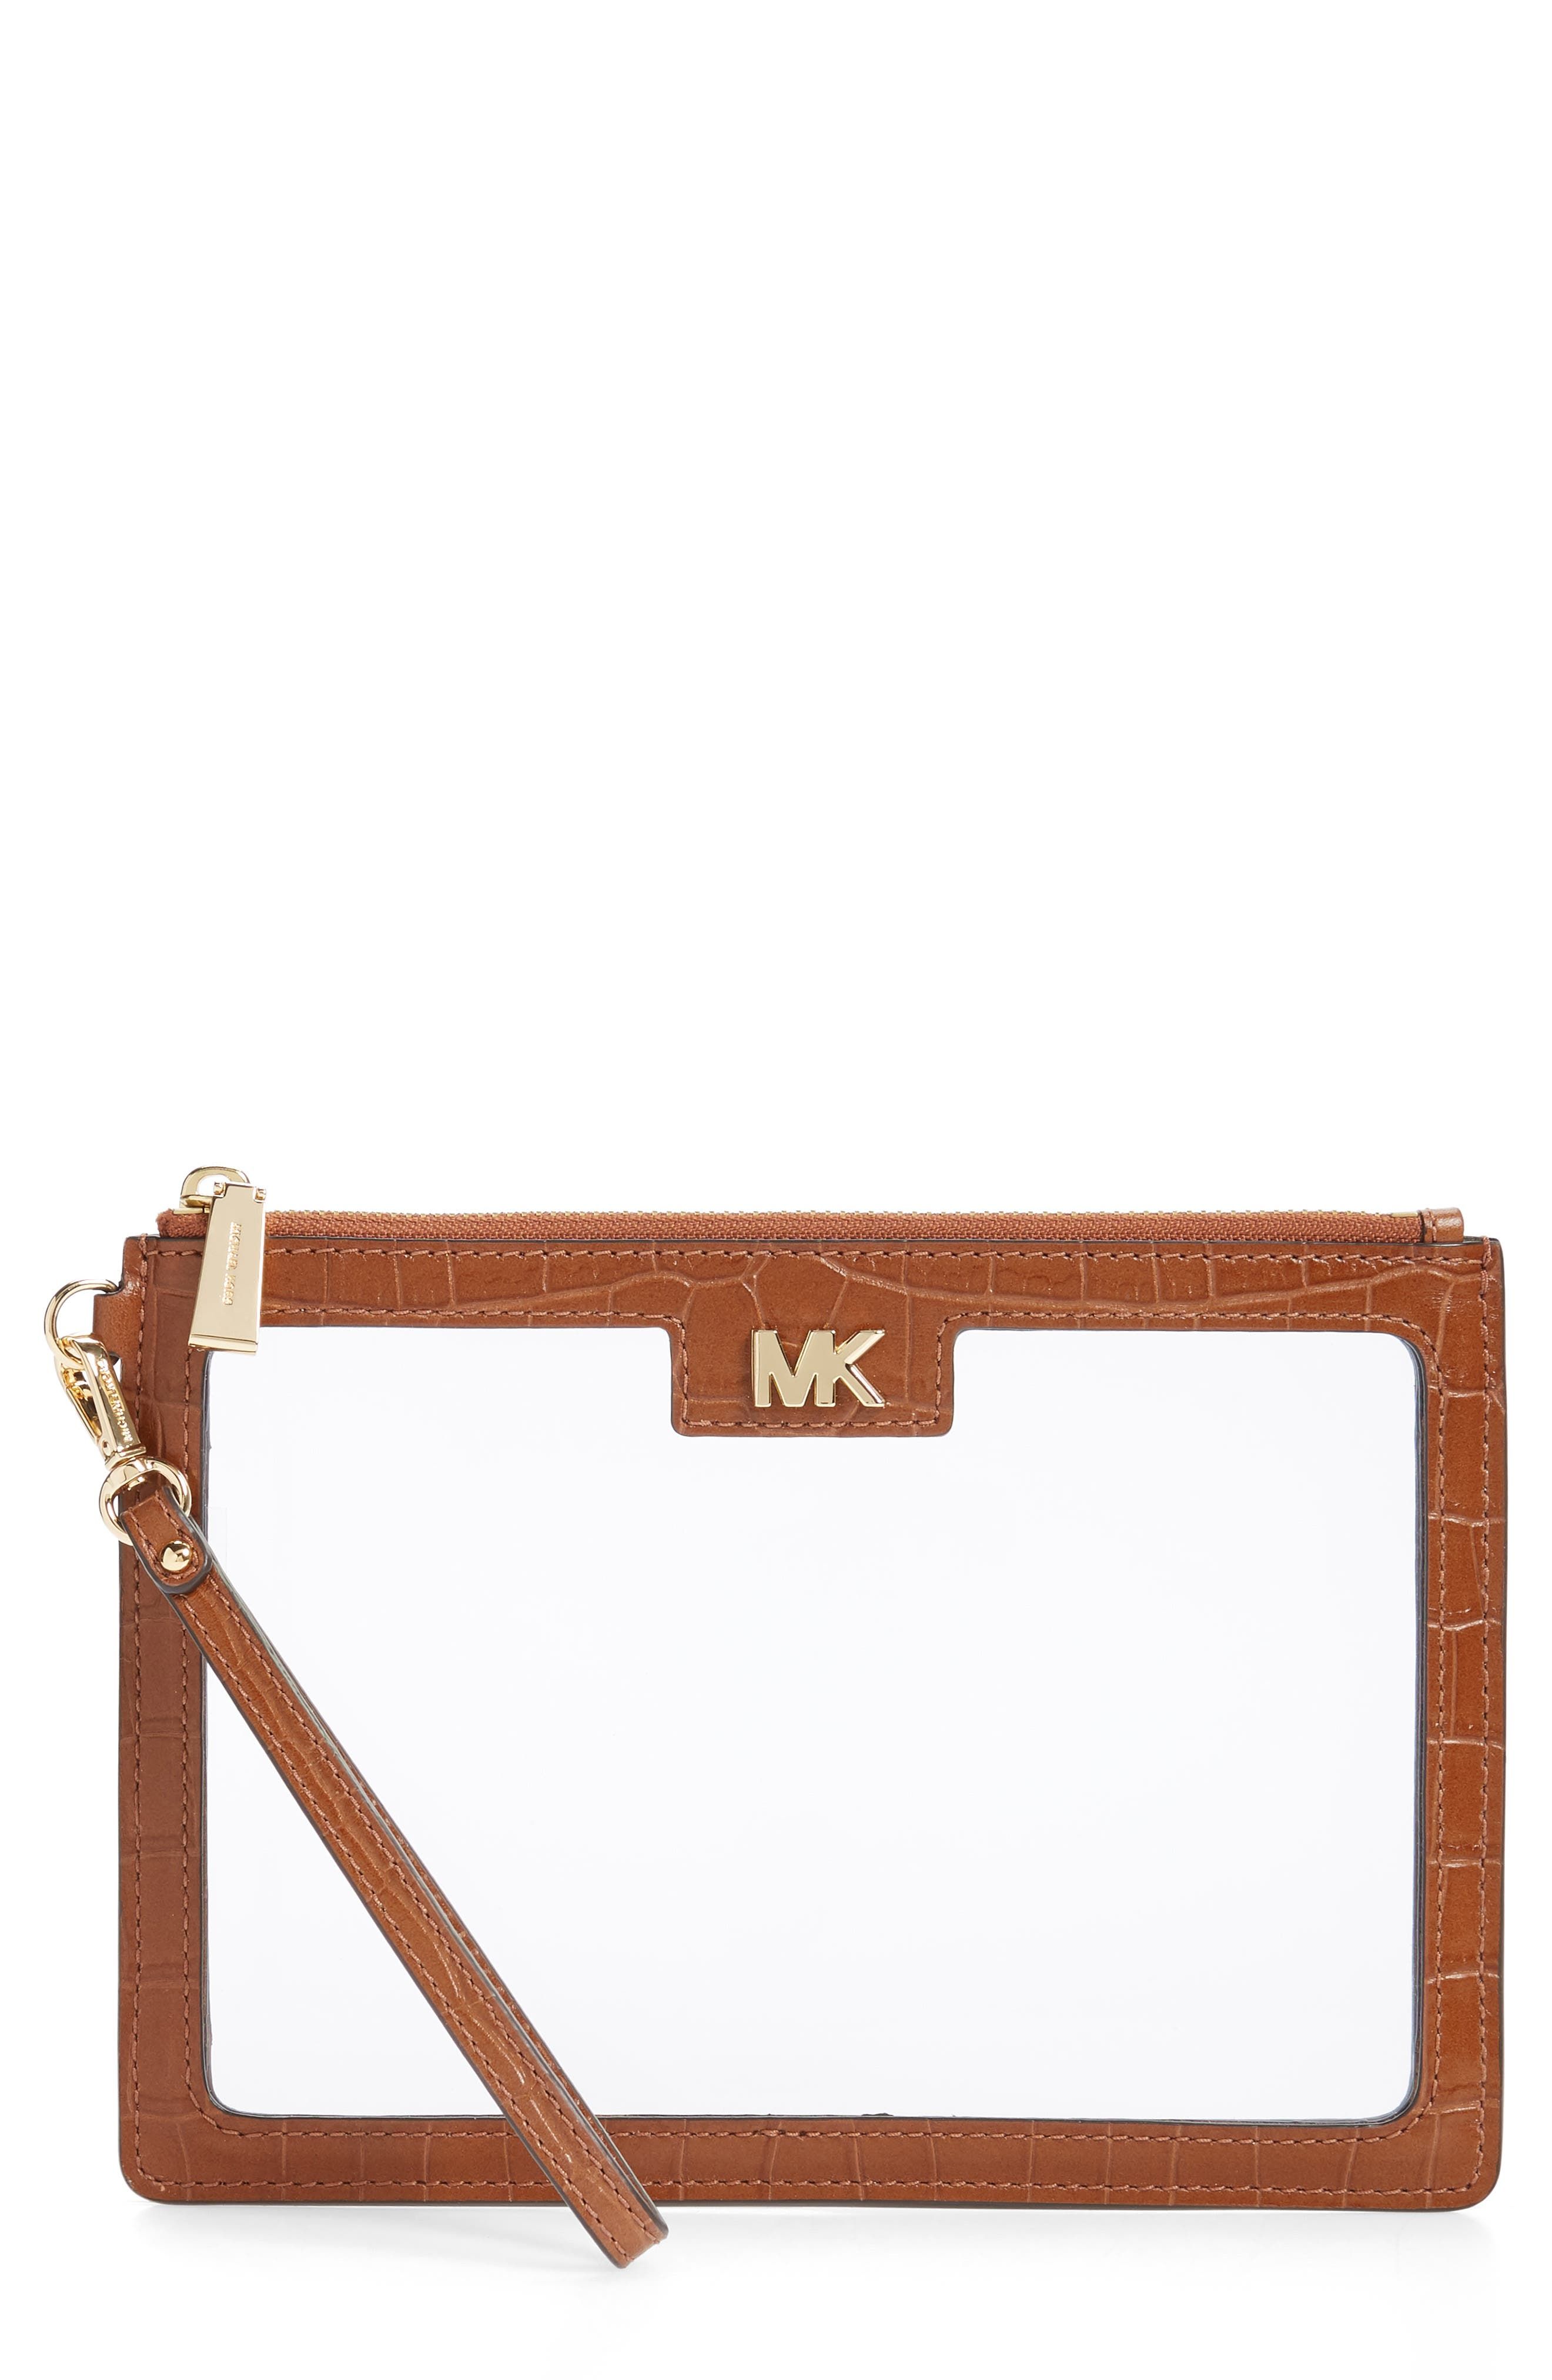 3ec68a093411 michael kors handbags | Nordstrom